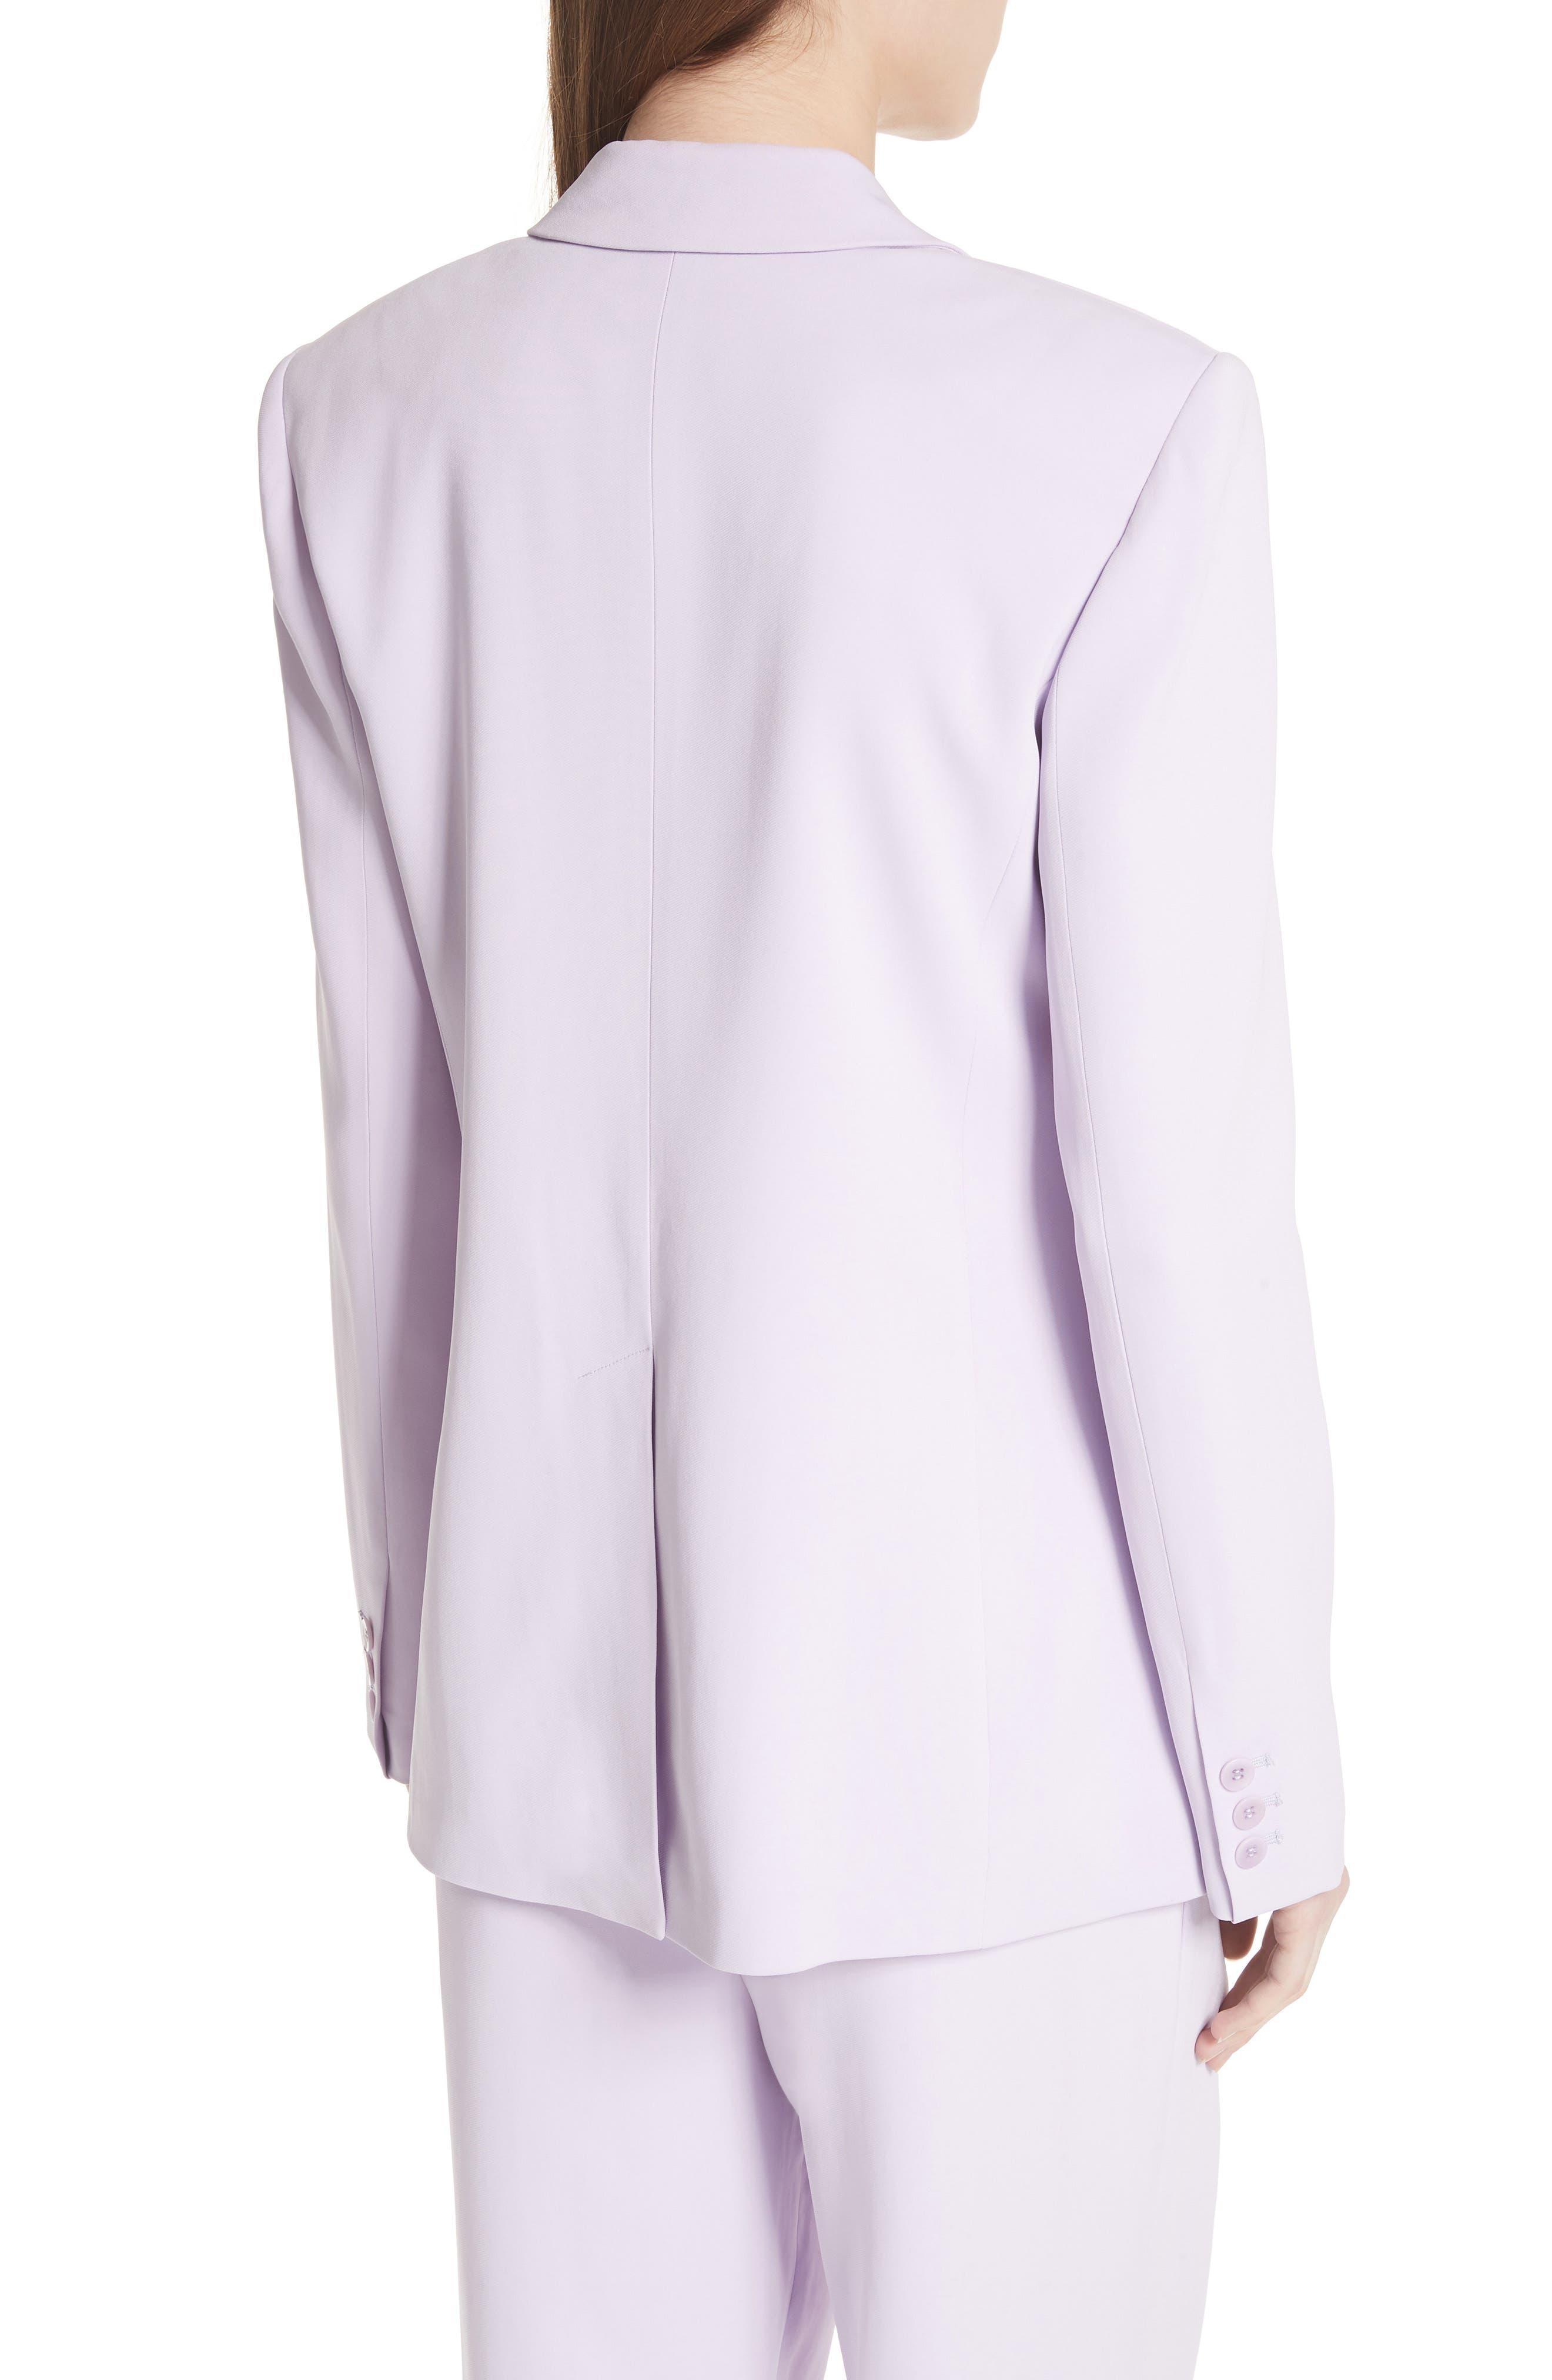 Steward Suit Jacket,                             Alternate thumbnail 2, color,                             Lavender